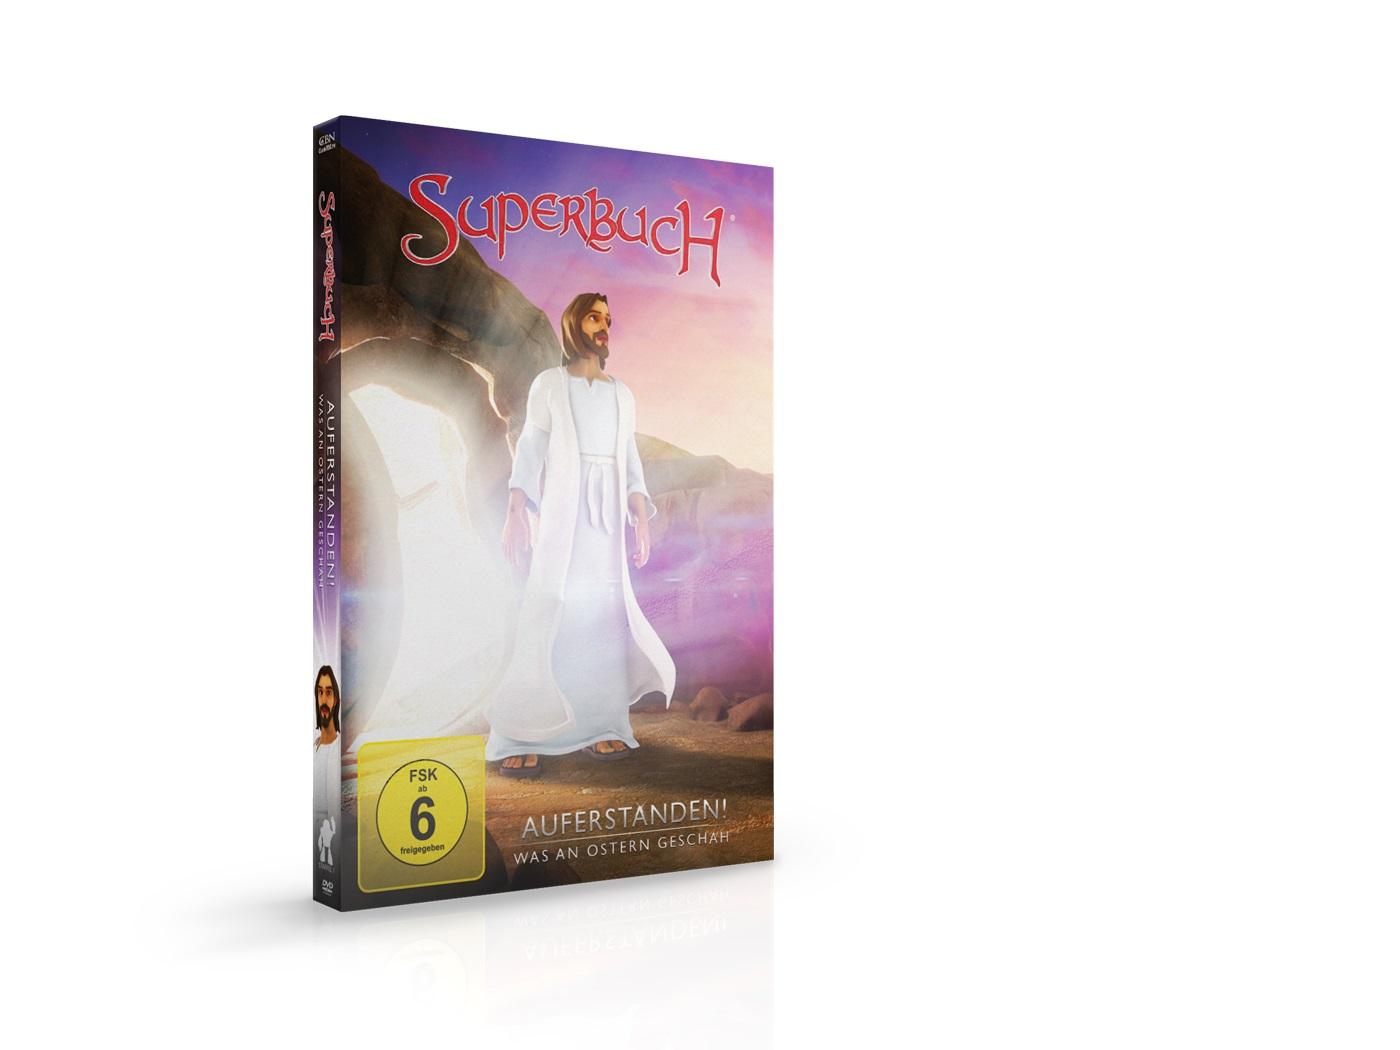 Superbuch – Auferstanden